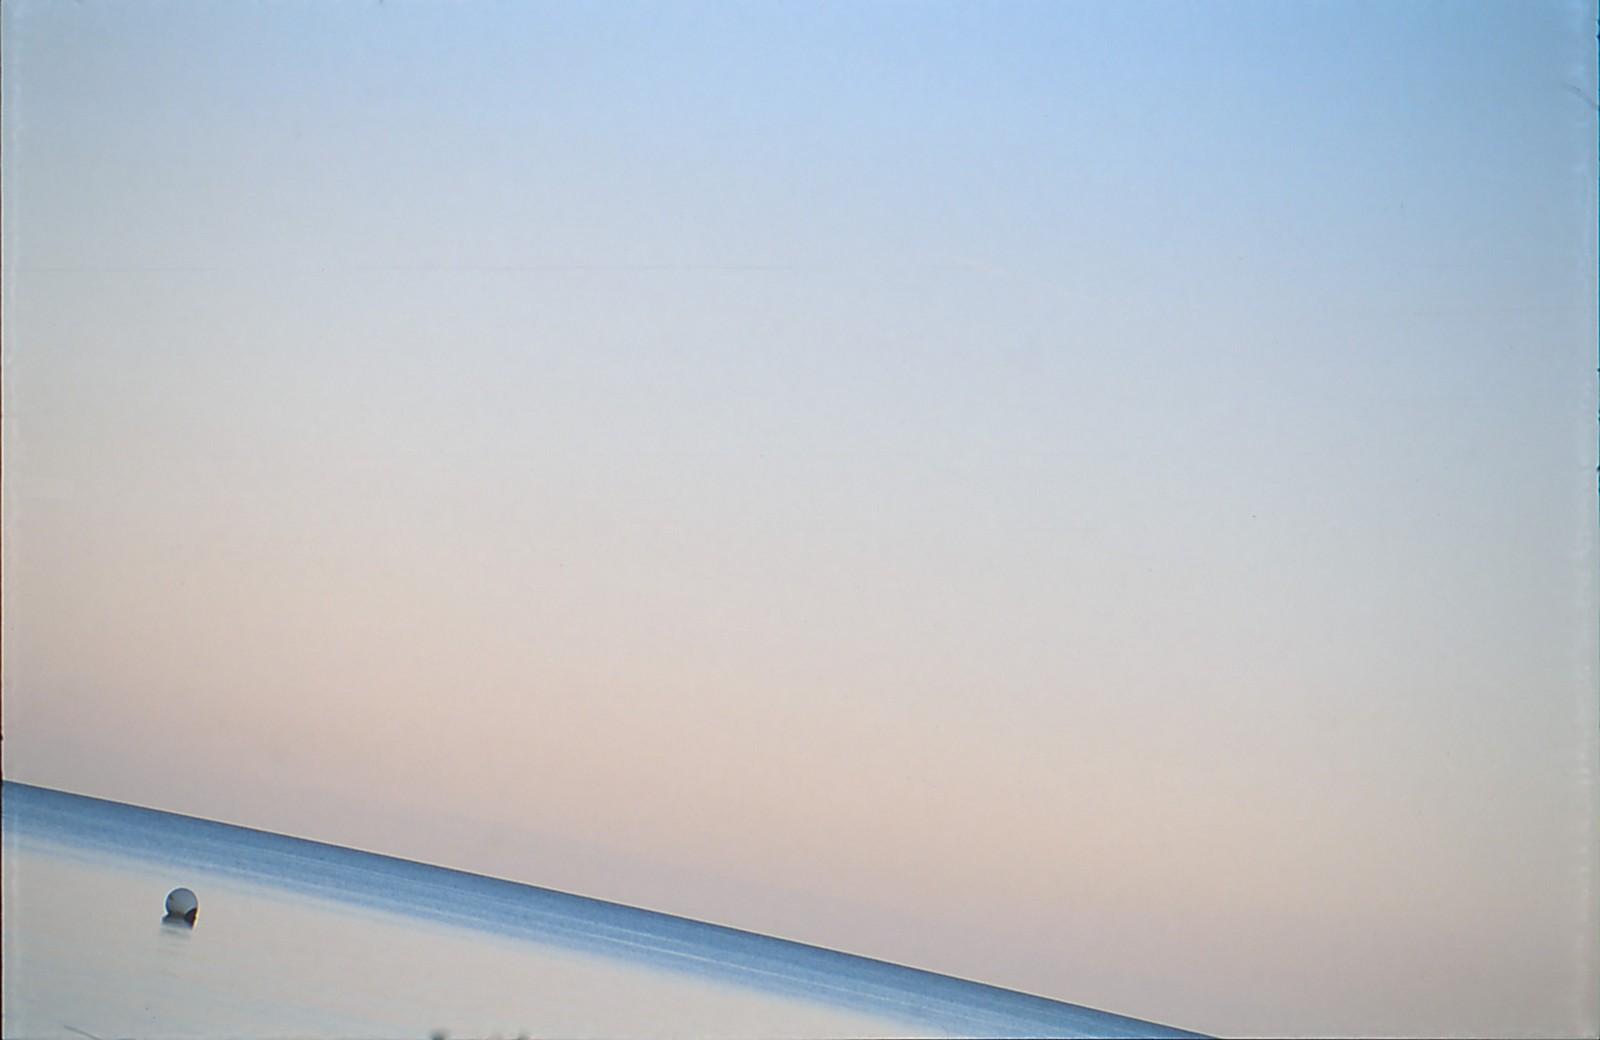 デスクトップ壁紙 ブルー 青 膜 天国 ヒメル 水平 Wasser